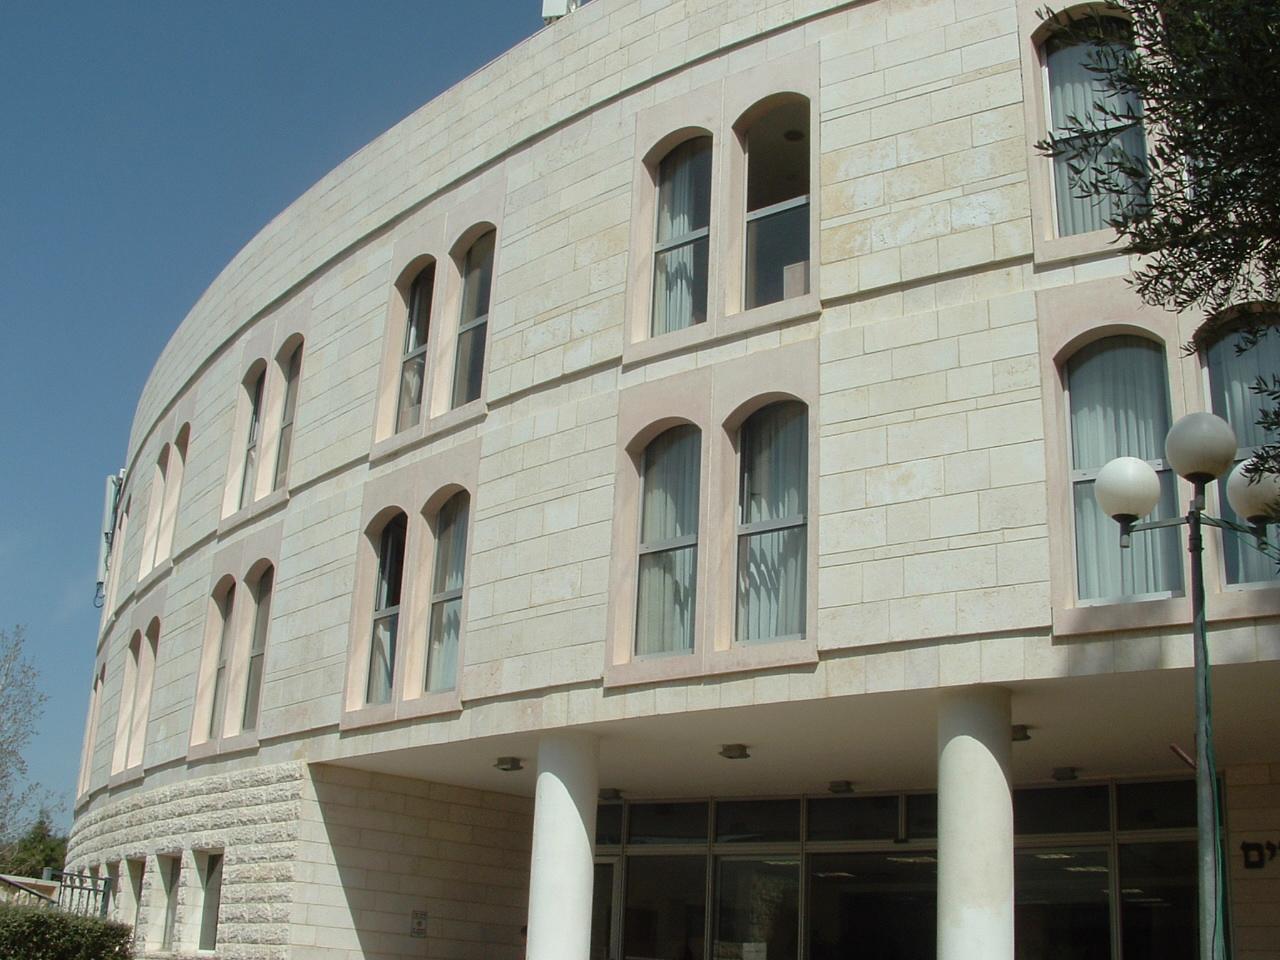 דיור מוגן איכותי בירושלים